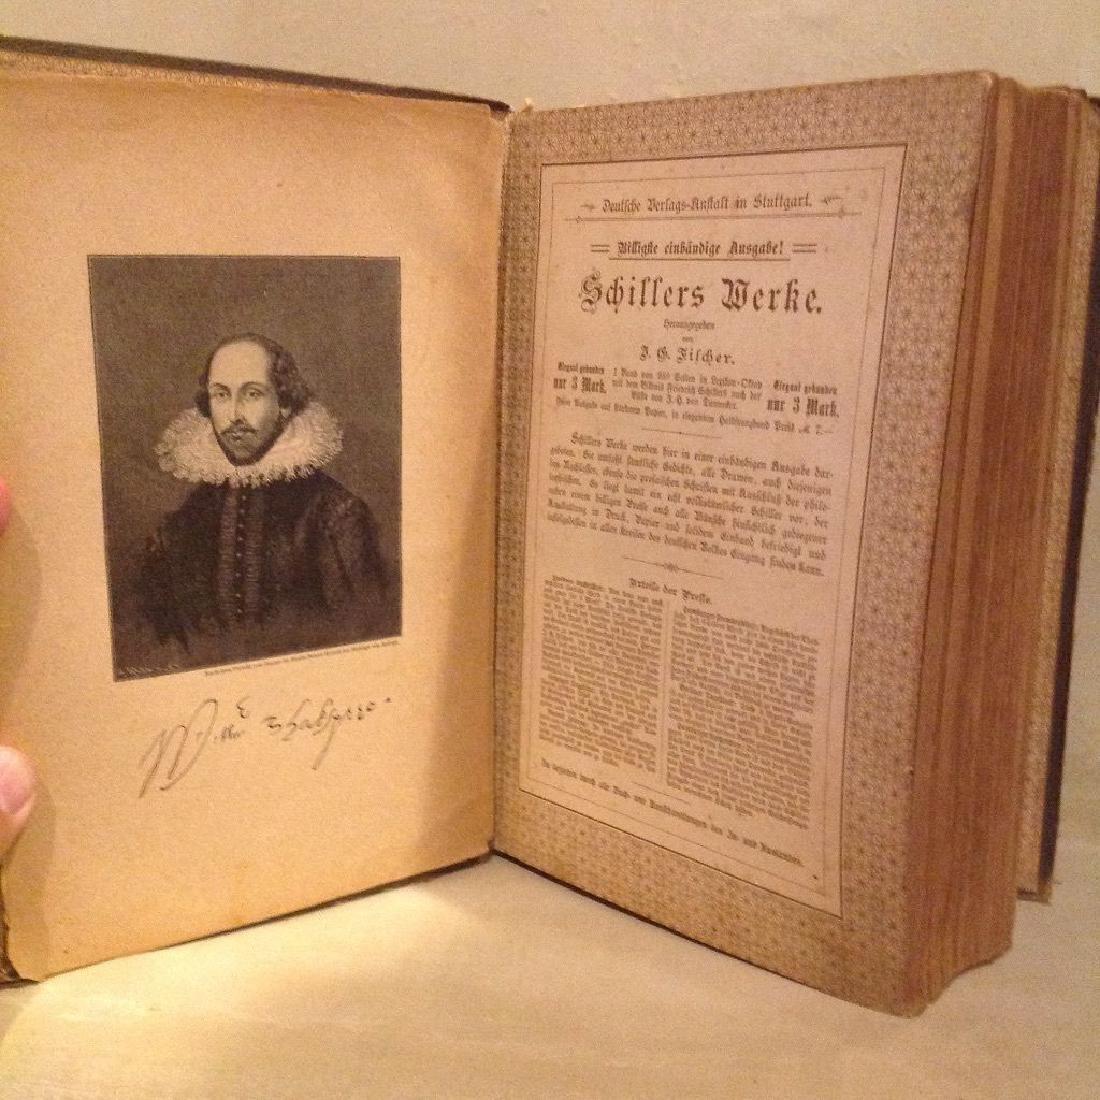 William Shakespeare's Dramatische Werke (1900) - 3